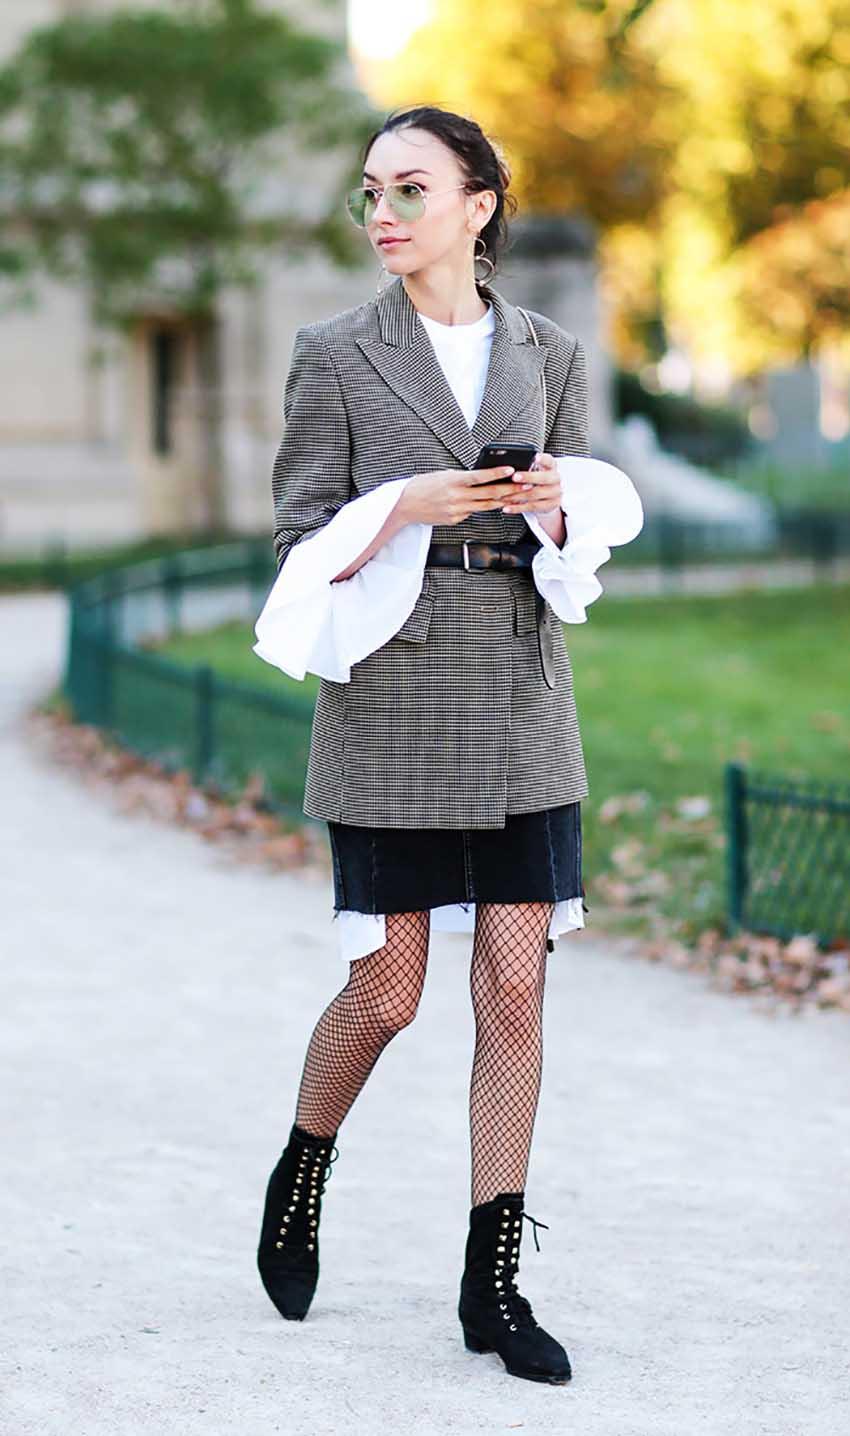 come_indossare_calze_rete_streetstyle